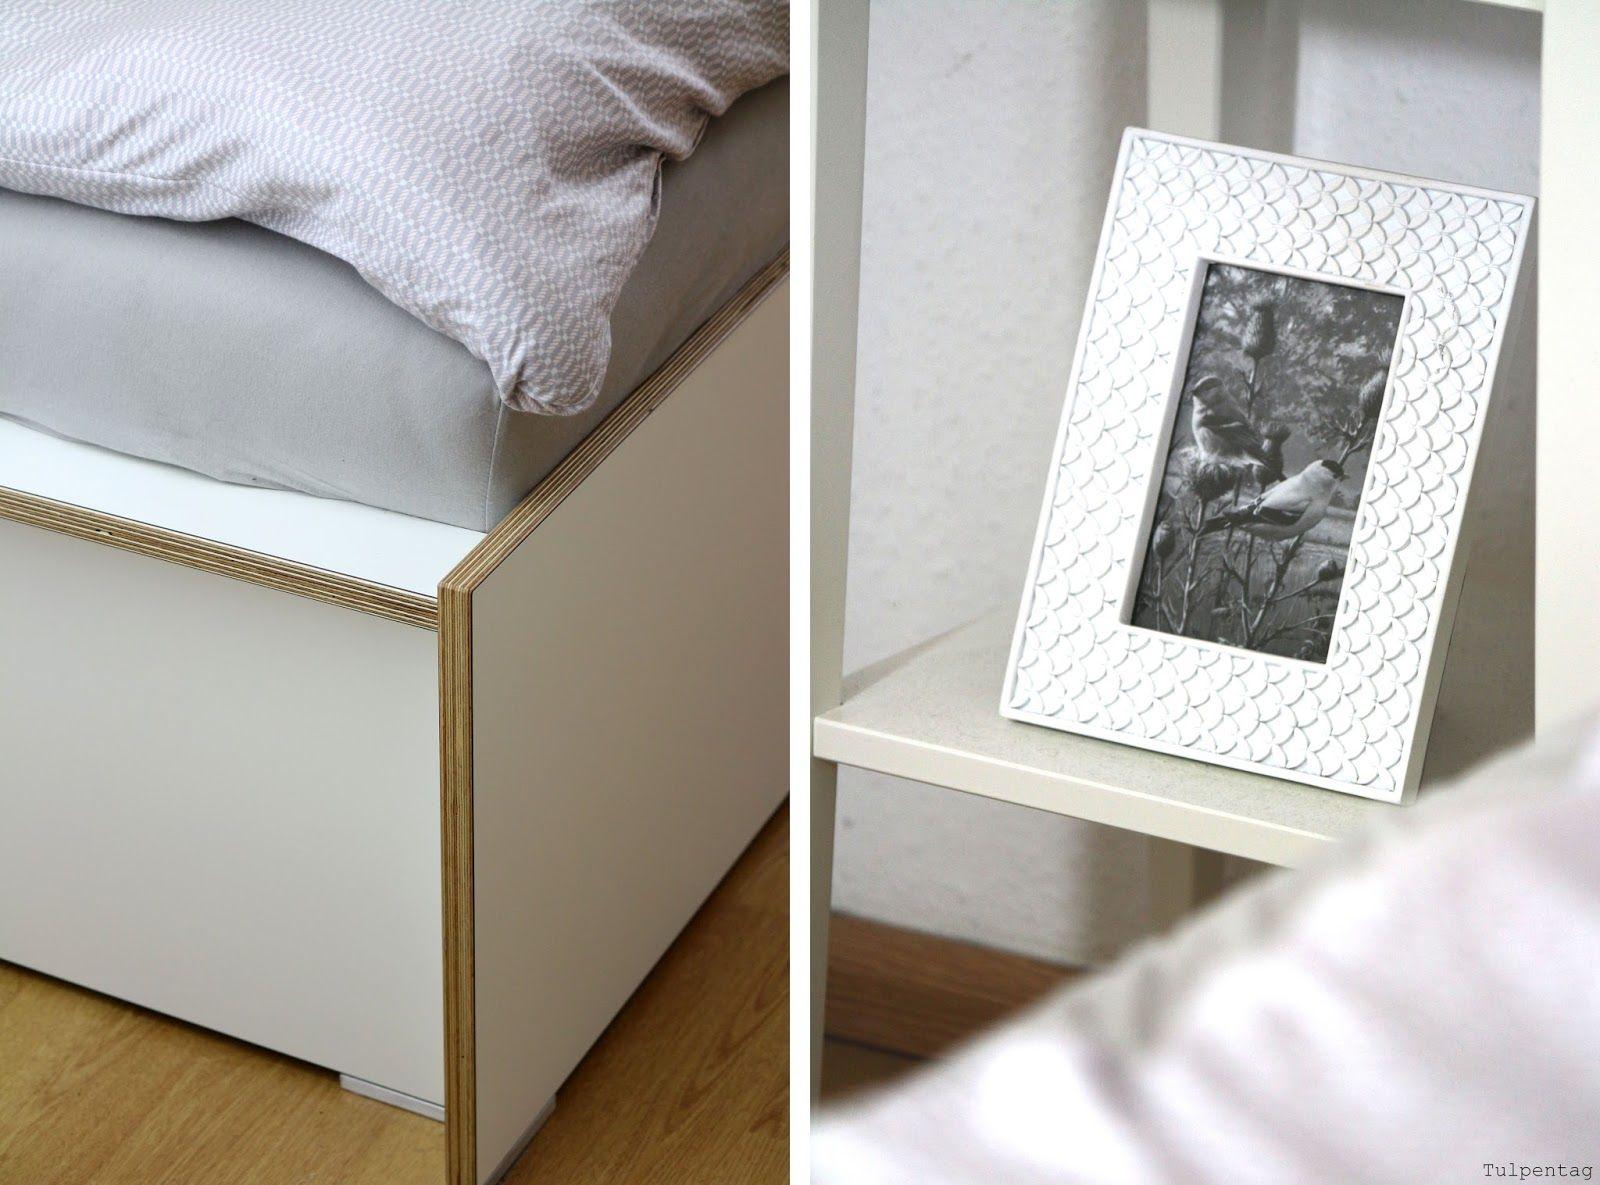 Schlafzimmer Wandle tulpentag das schlafzimmer im wandel werbung wohninspiration